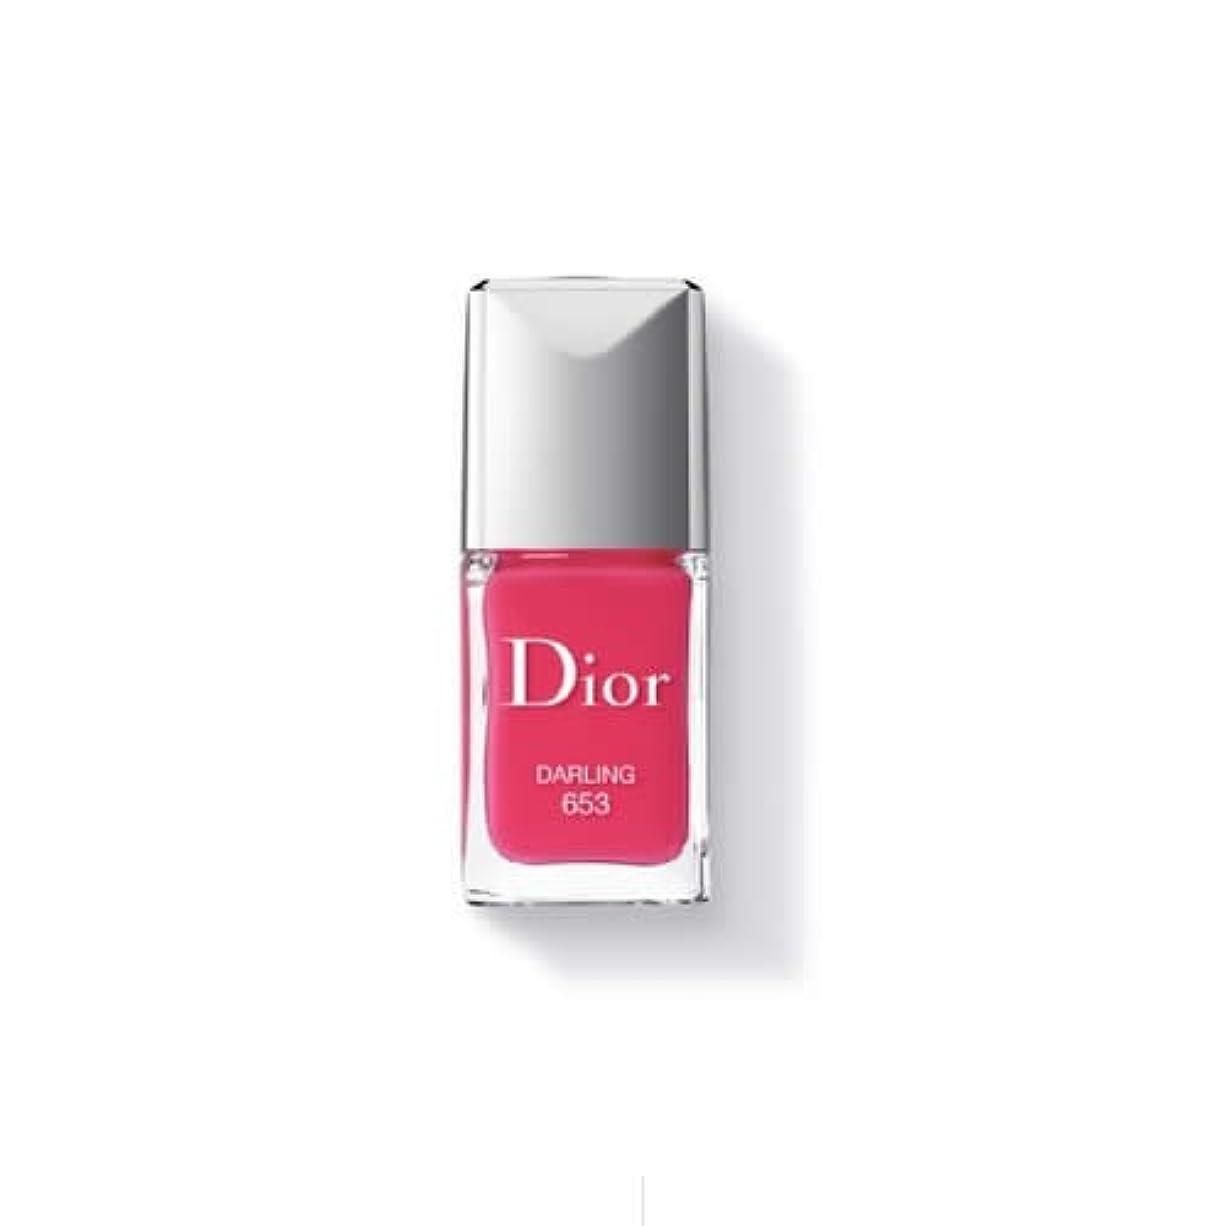 ブリークパンチピンディオール ヴェルニ #653 ダーリン 10ml クリスチャン ディオール Christian Dior 訳あり